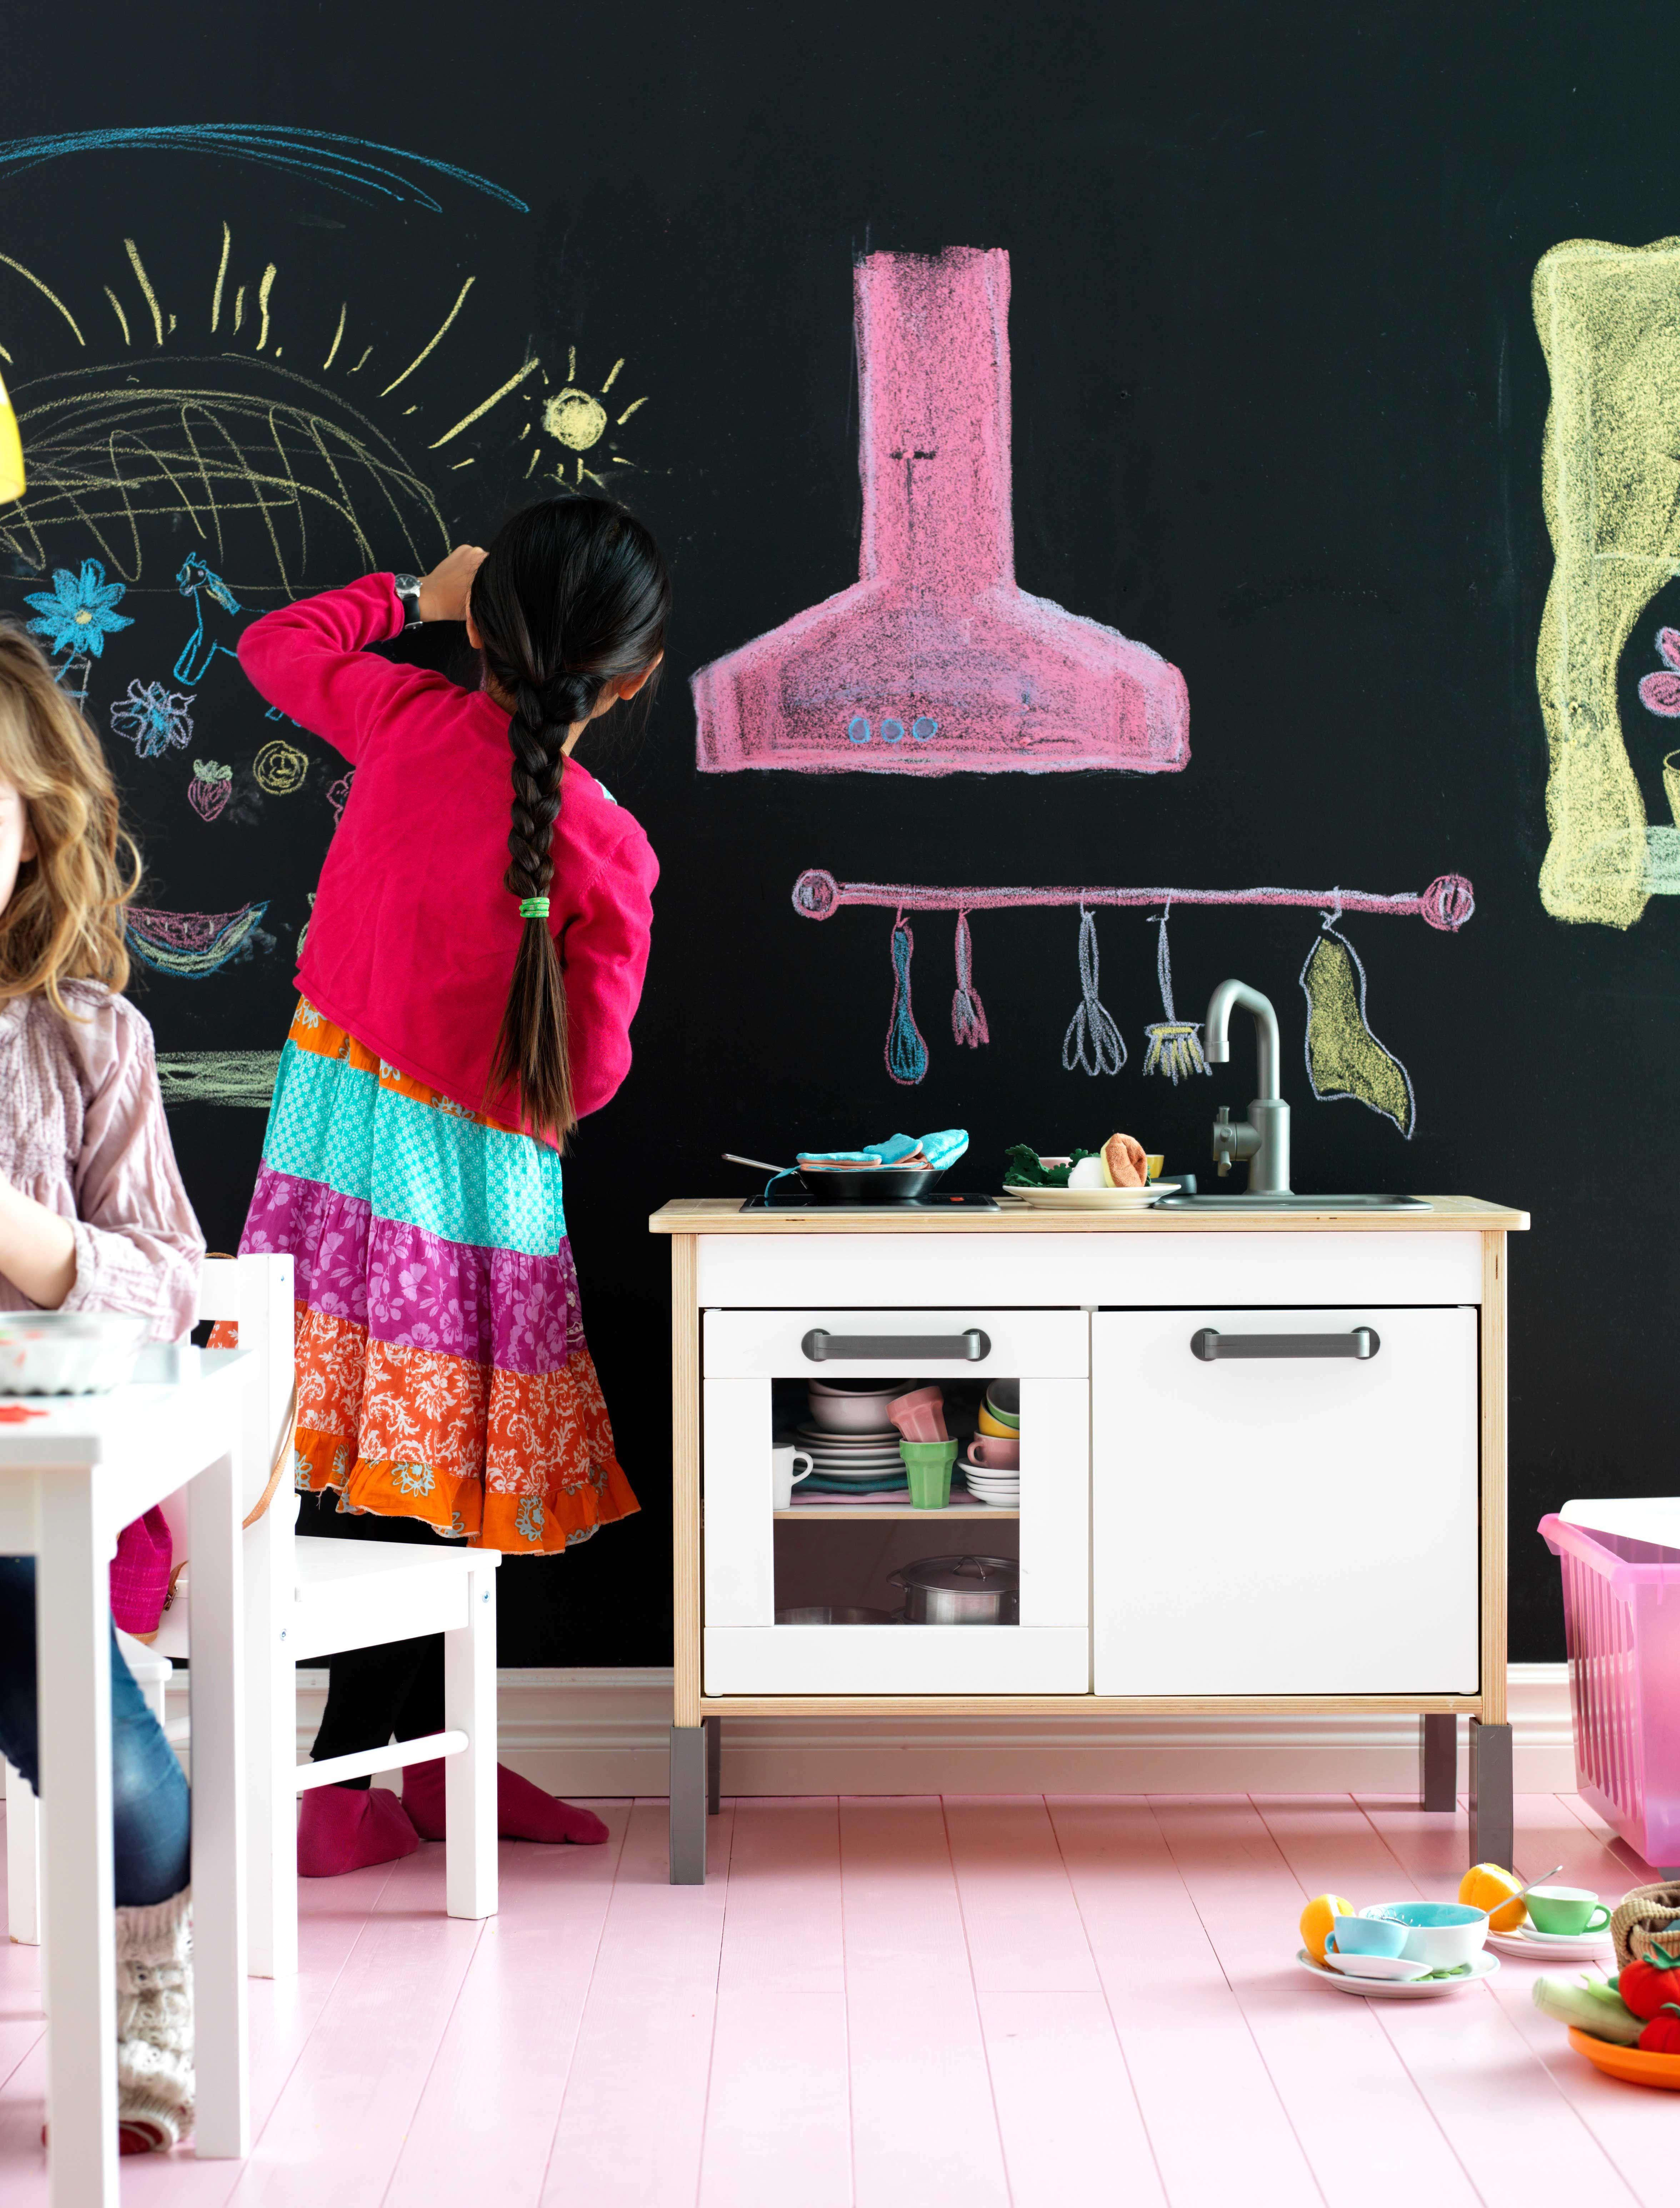 Kindermöbel ikea  IKEA Österreich, Inspiration, Kinder, Kids, Kindermöbel ...